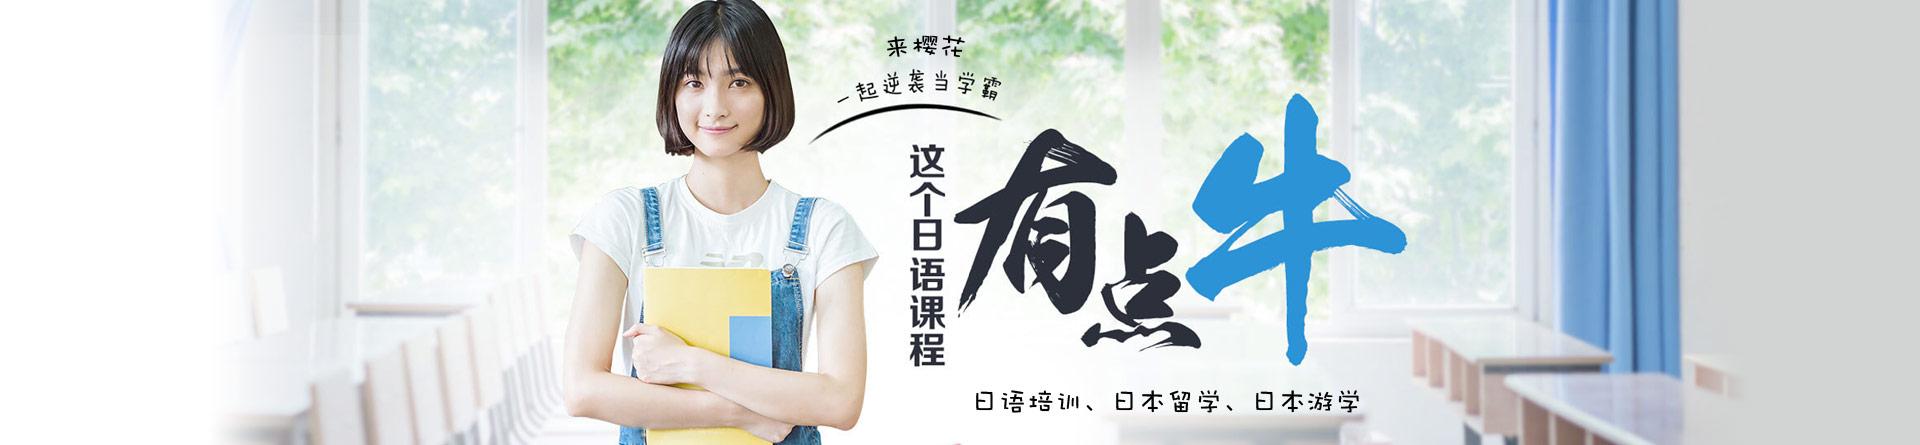 南宁樱花国际日语培训学校